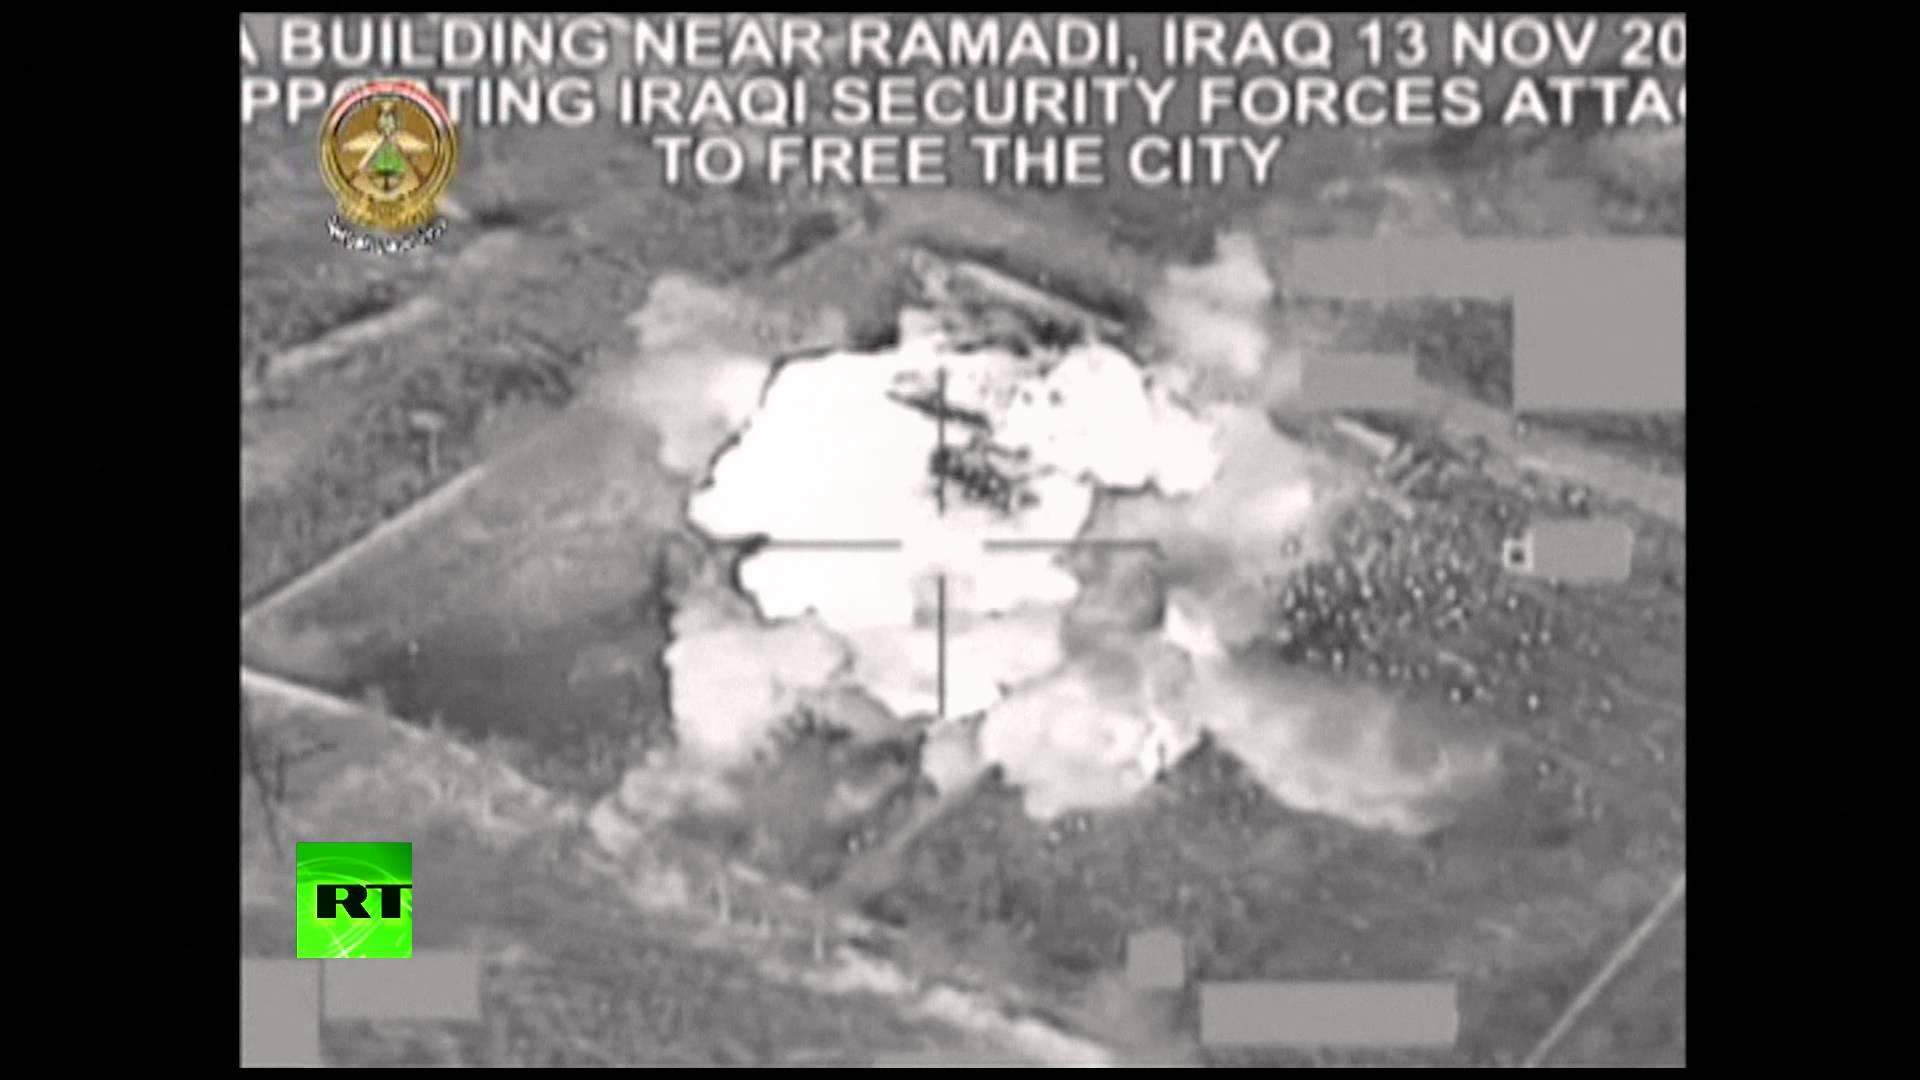 VIDEO: Iračko ministarstvo obrane objavilo snimku napada savezničkih snaga